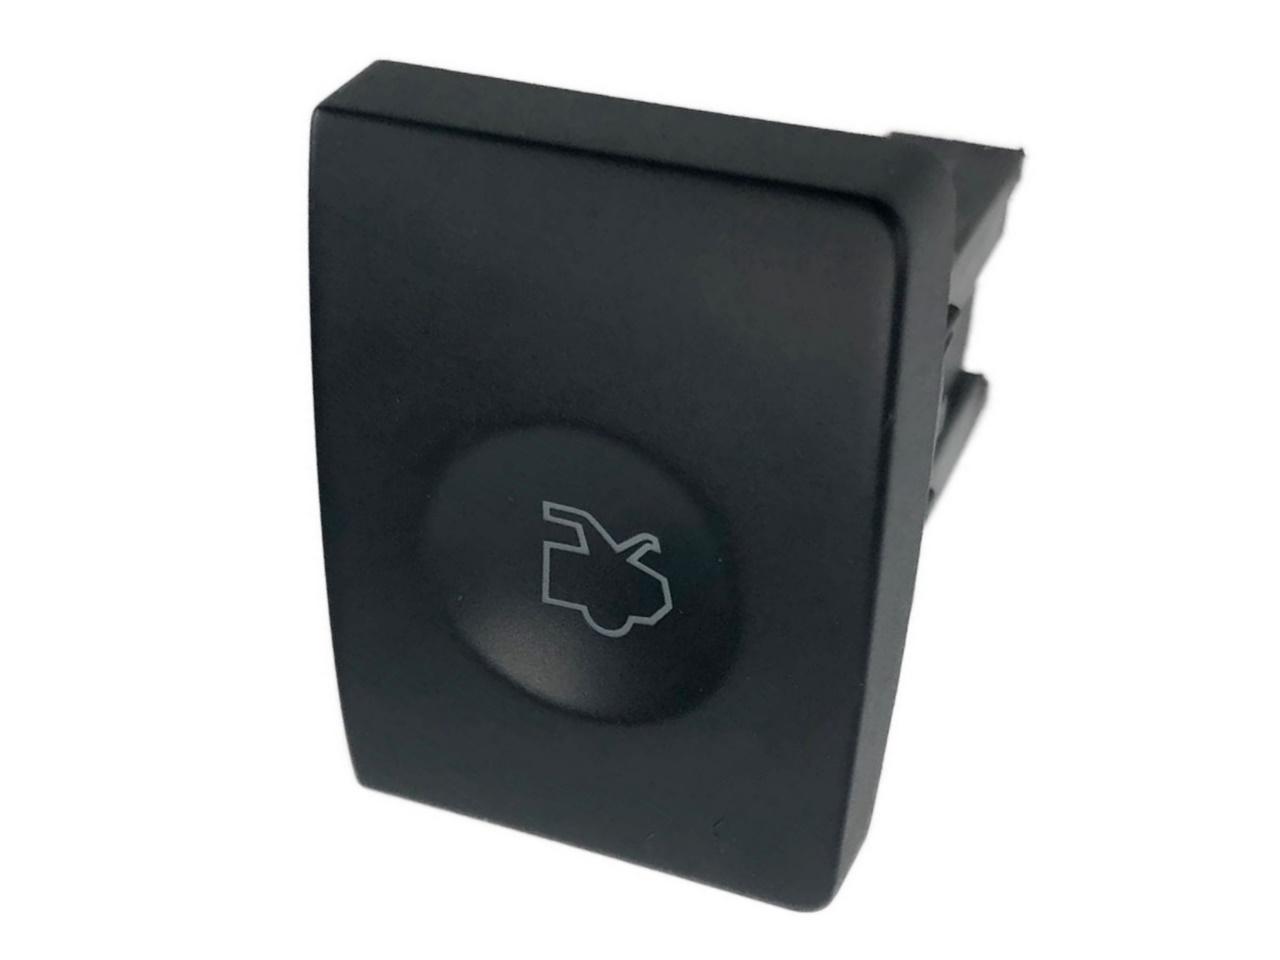 Botão do Painel Interruptor de Abertura do Porta Malas 9e5t19b514abw Ford Fusion 010 011 012